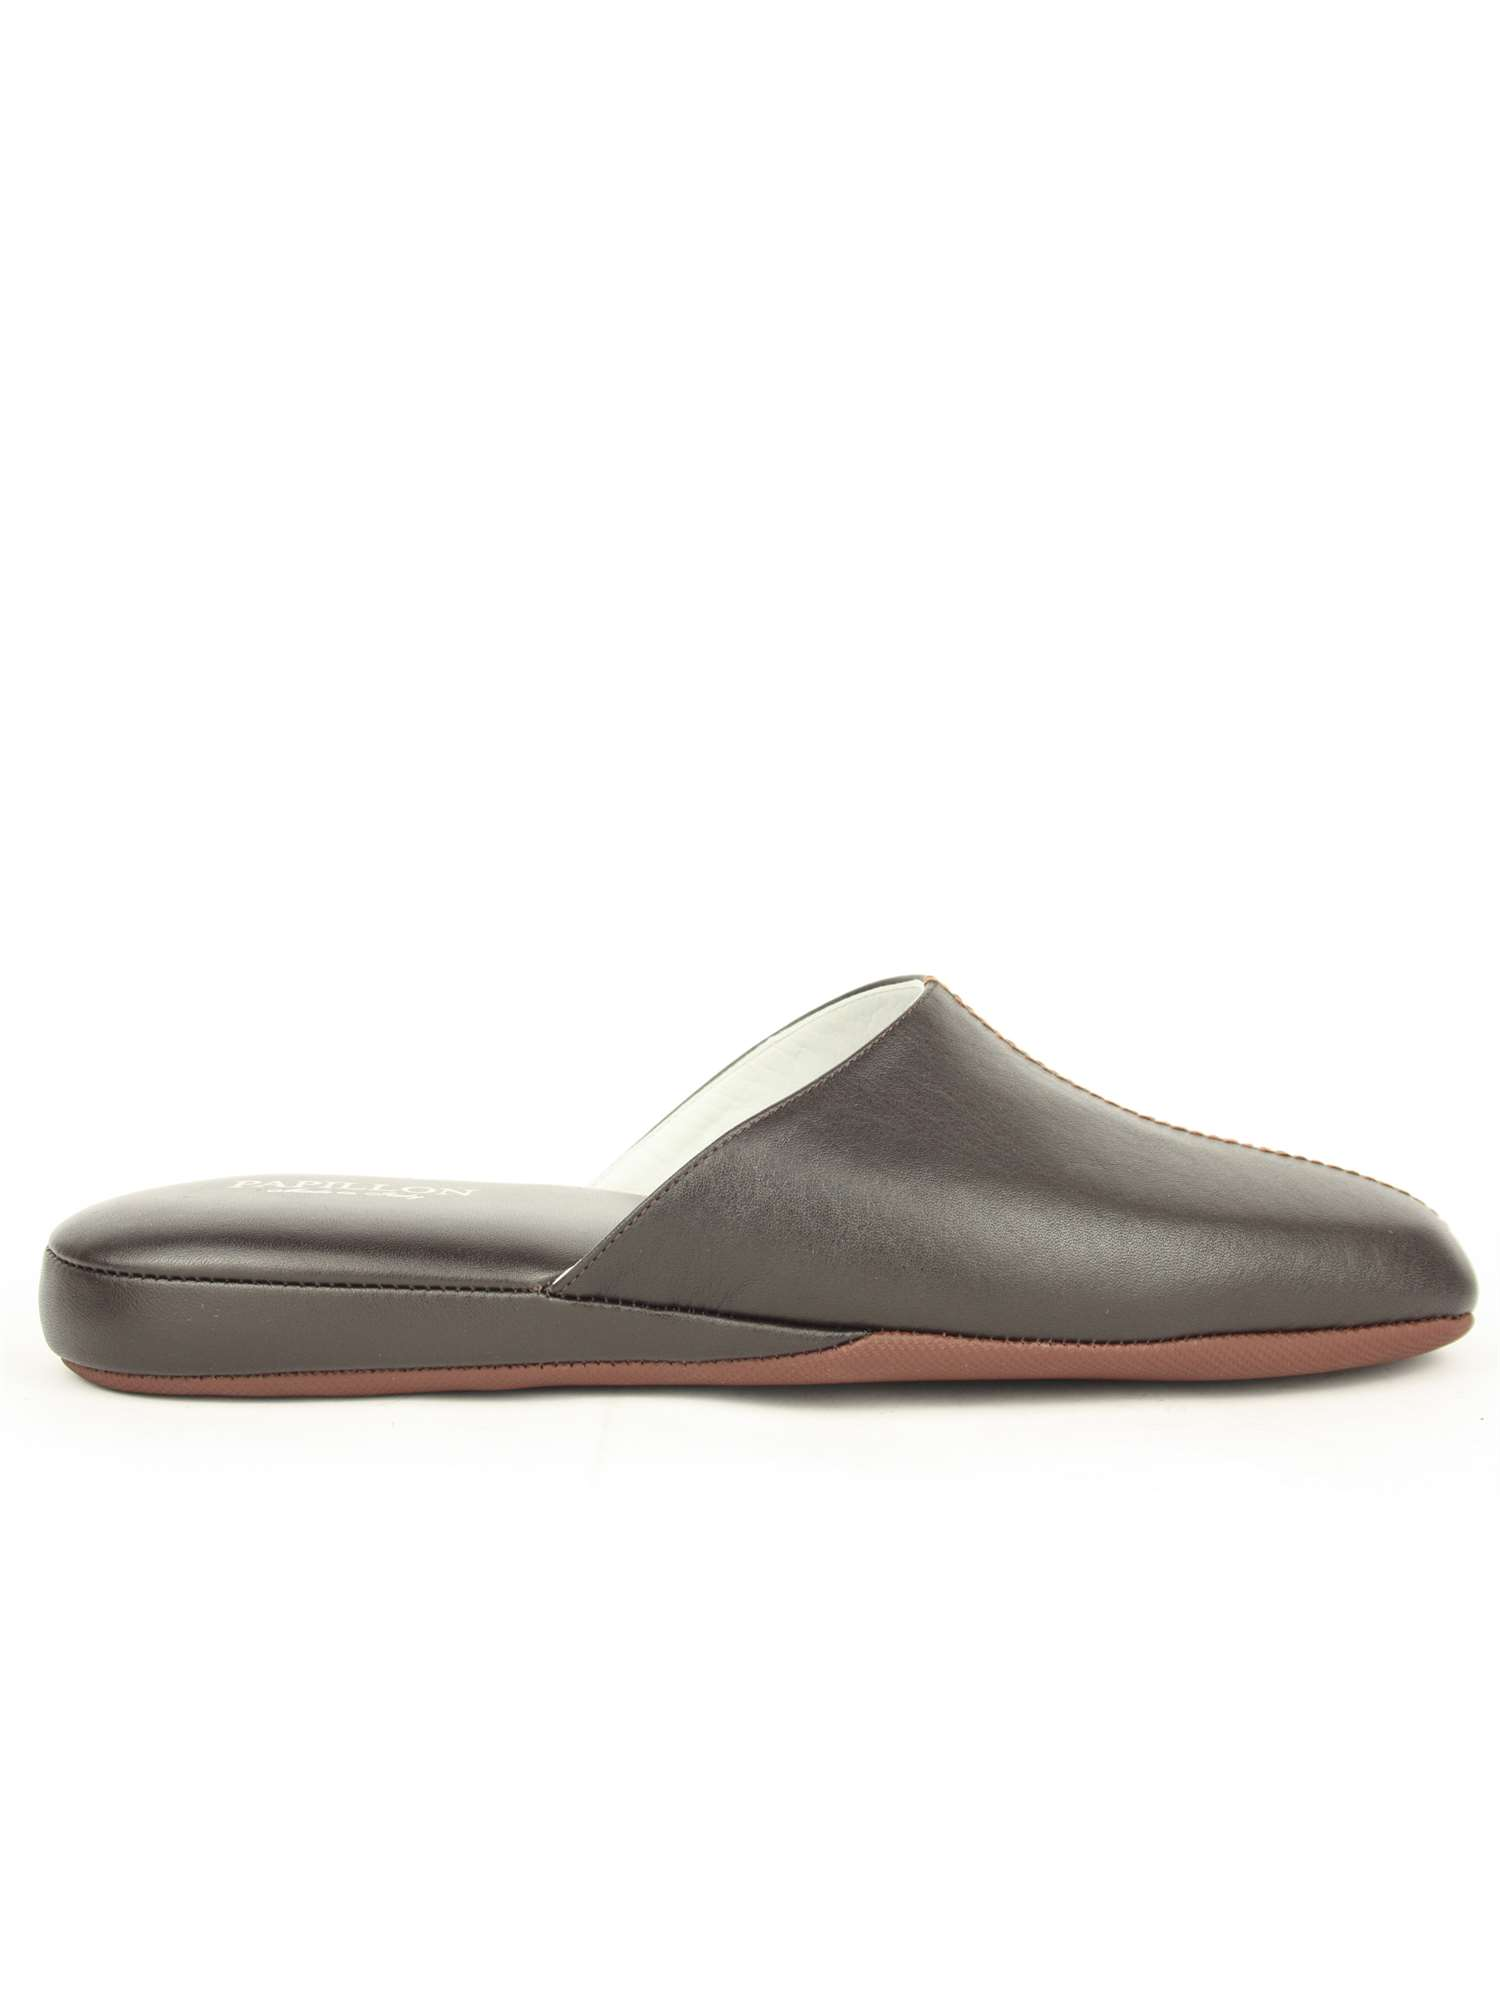 91f63b68a1889 Papillon Pantofola Punta Chiusa Marron